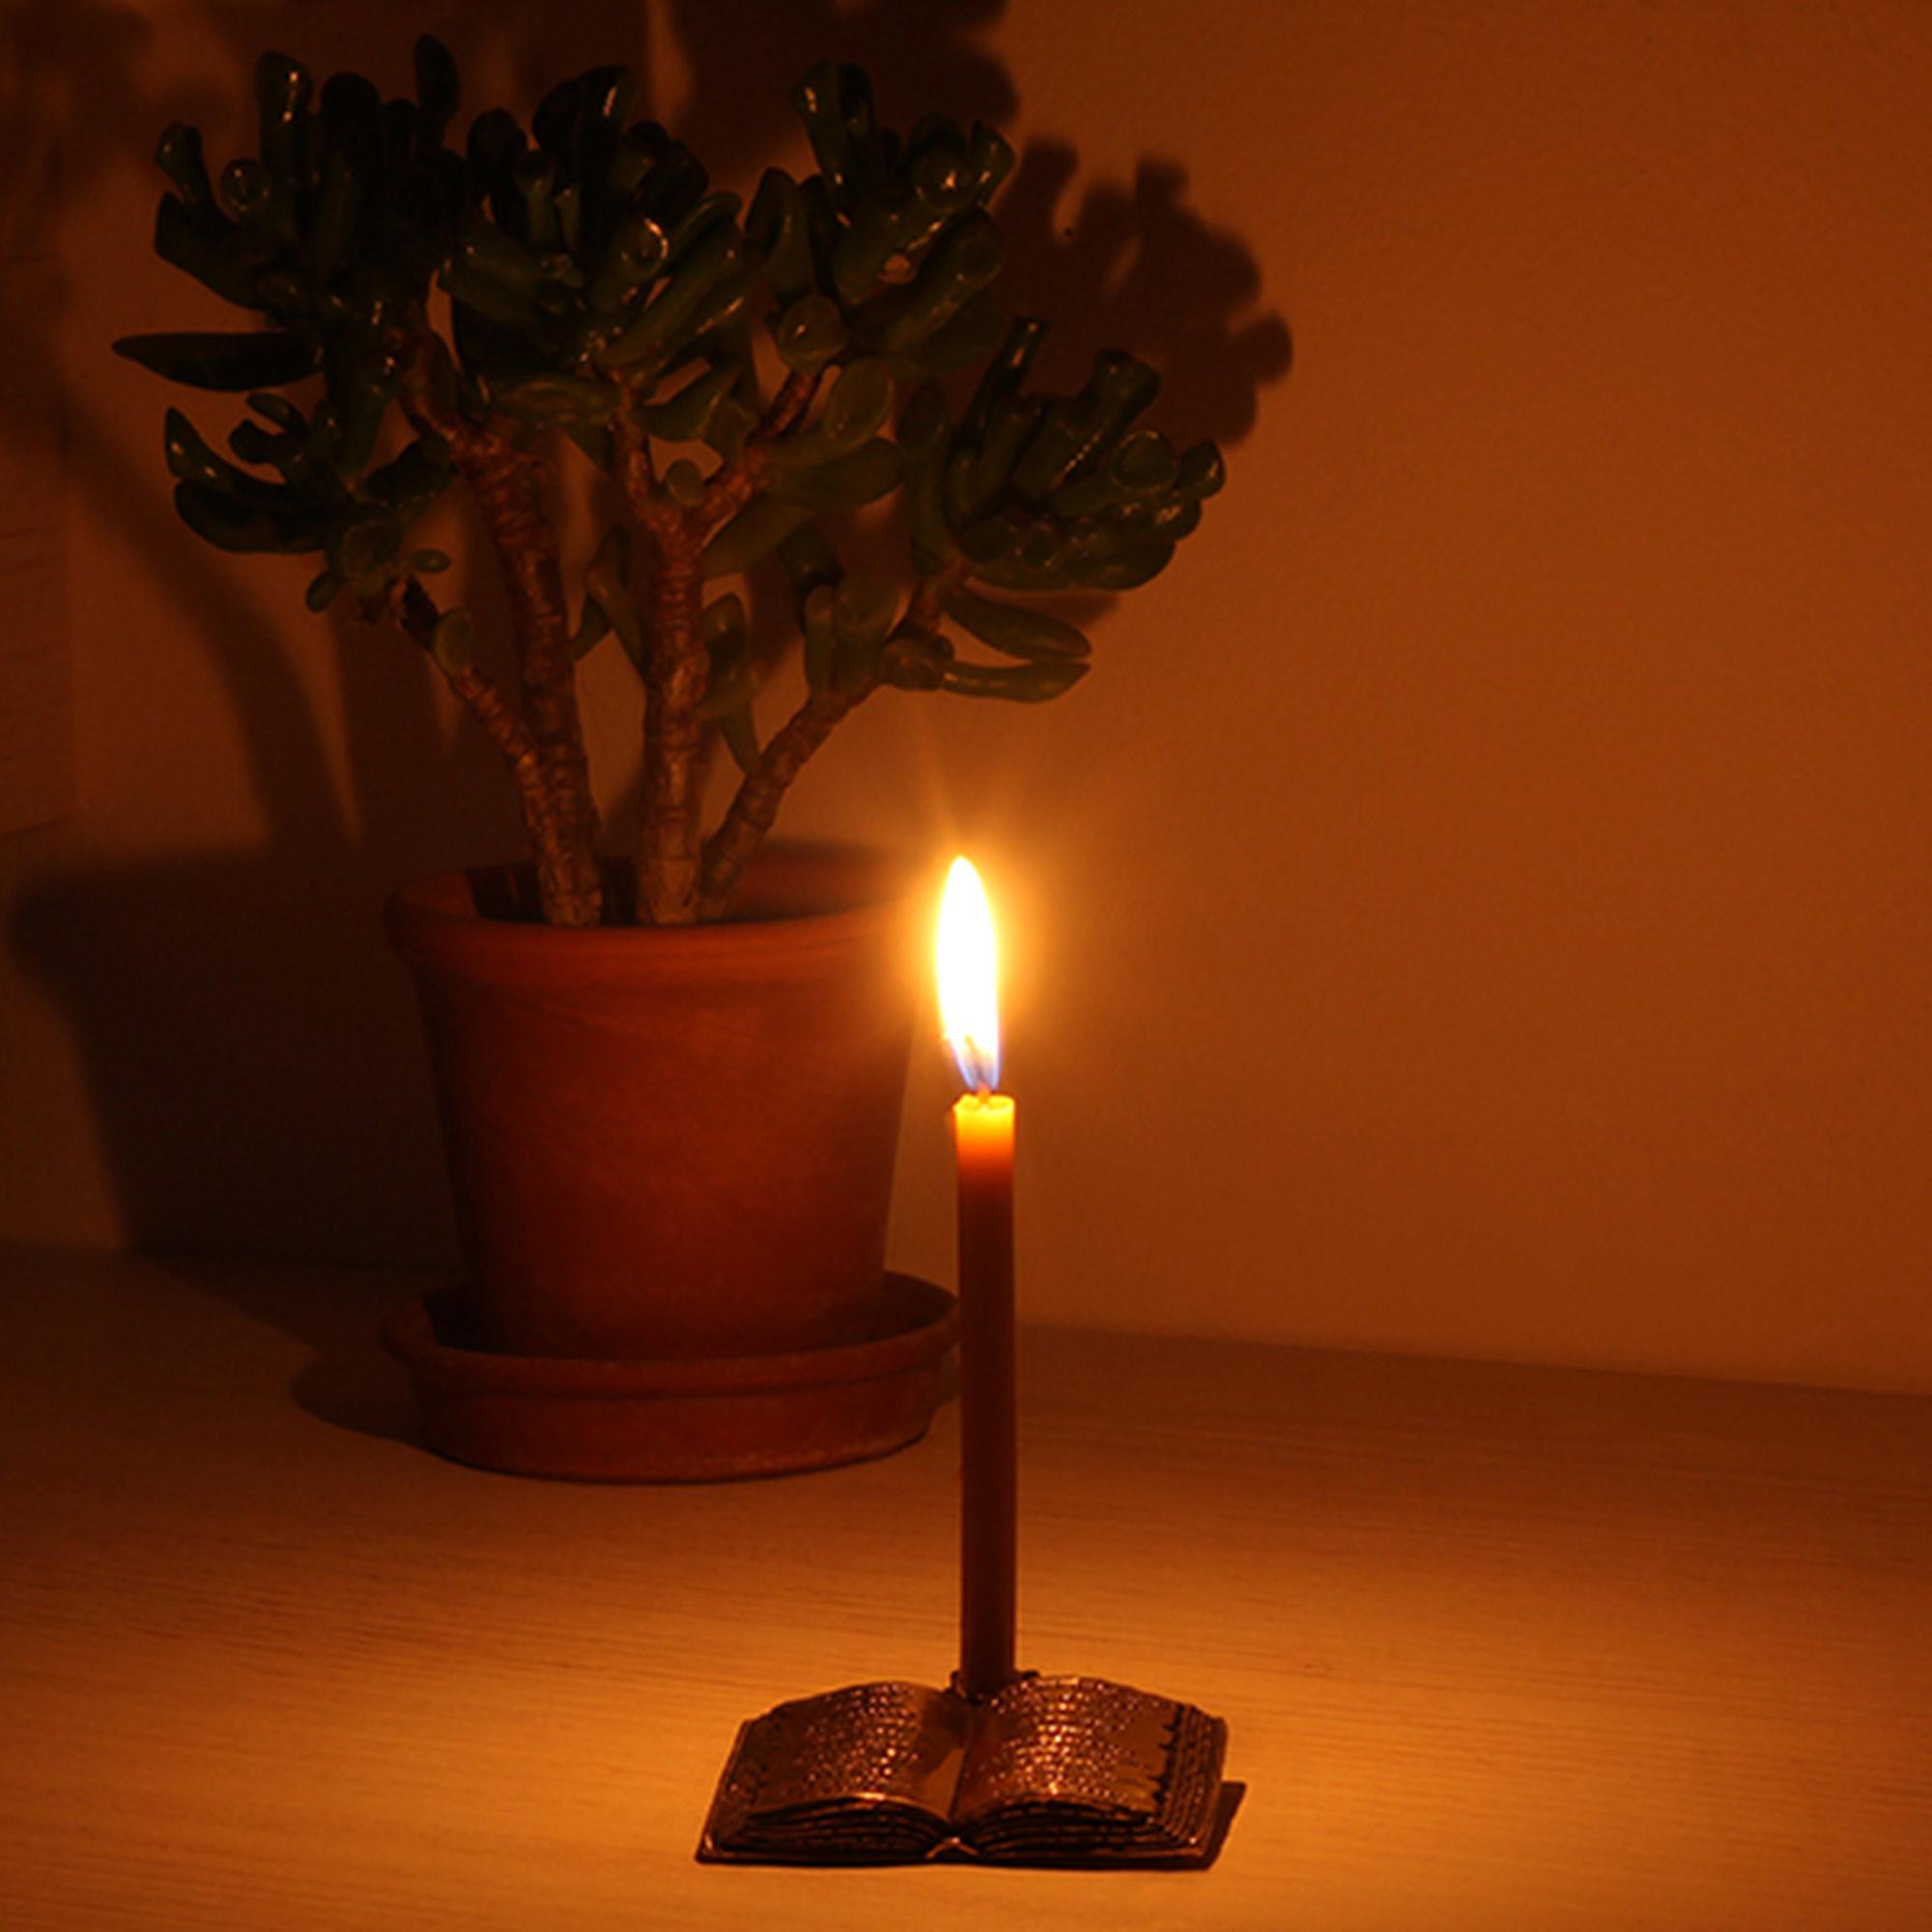 подсвечник для тонкой церковной свечи